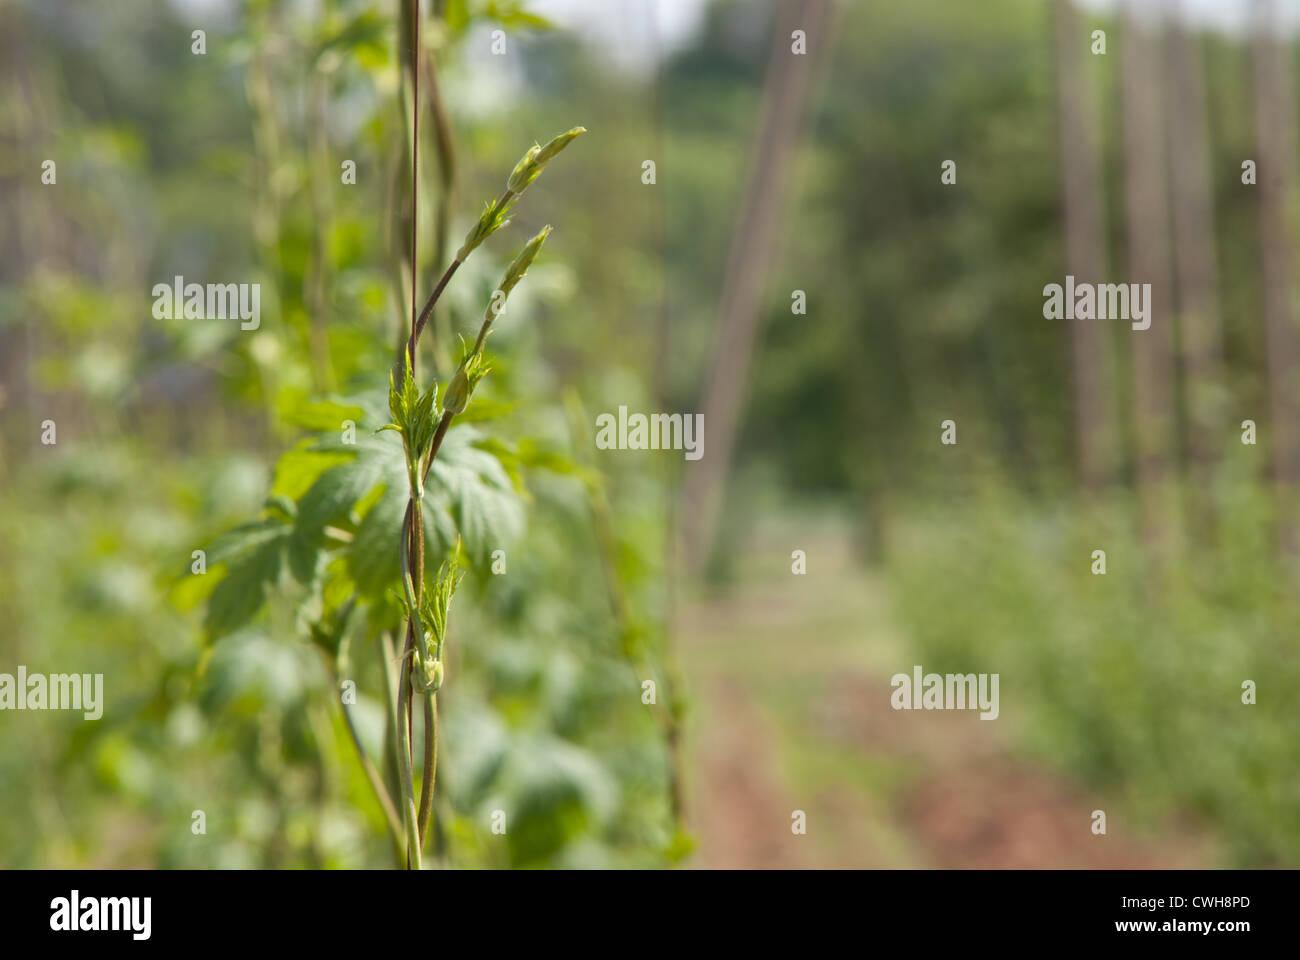 hop garden, near Village of Steknik, Czech Republic - Stock Image